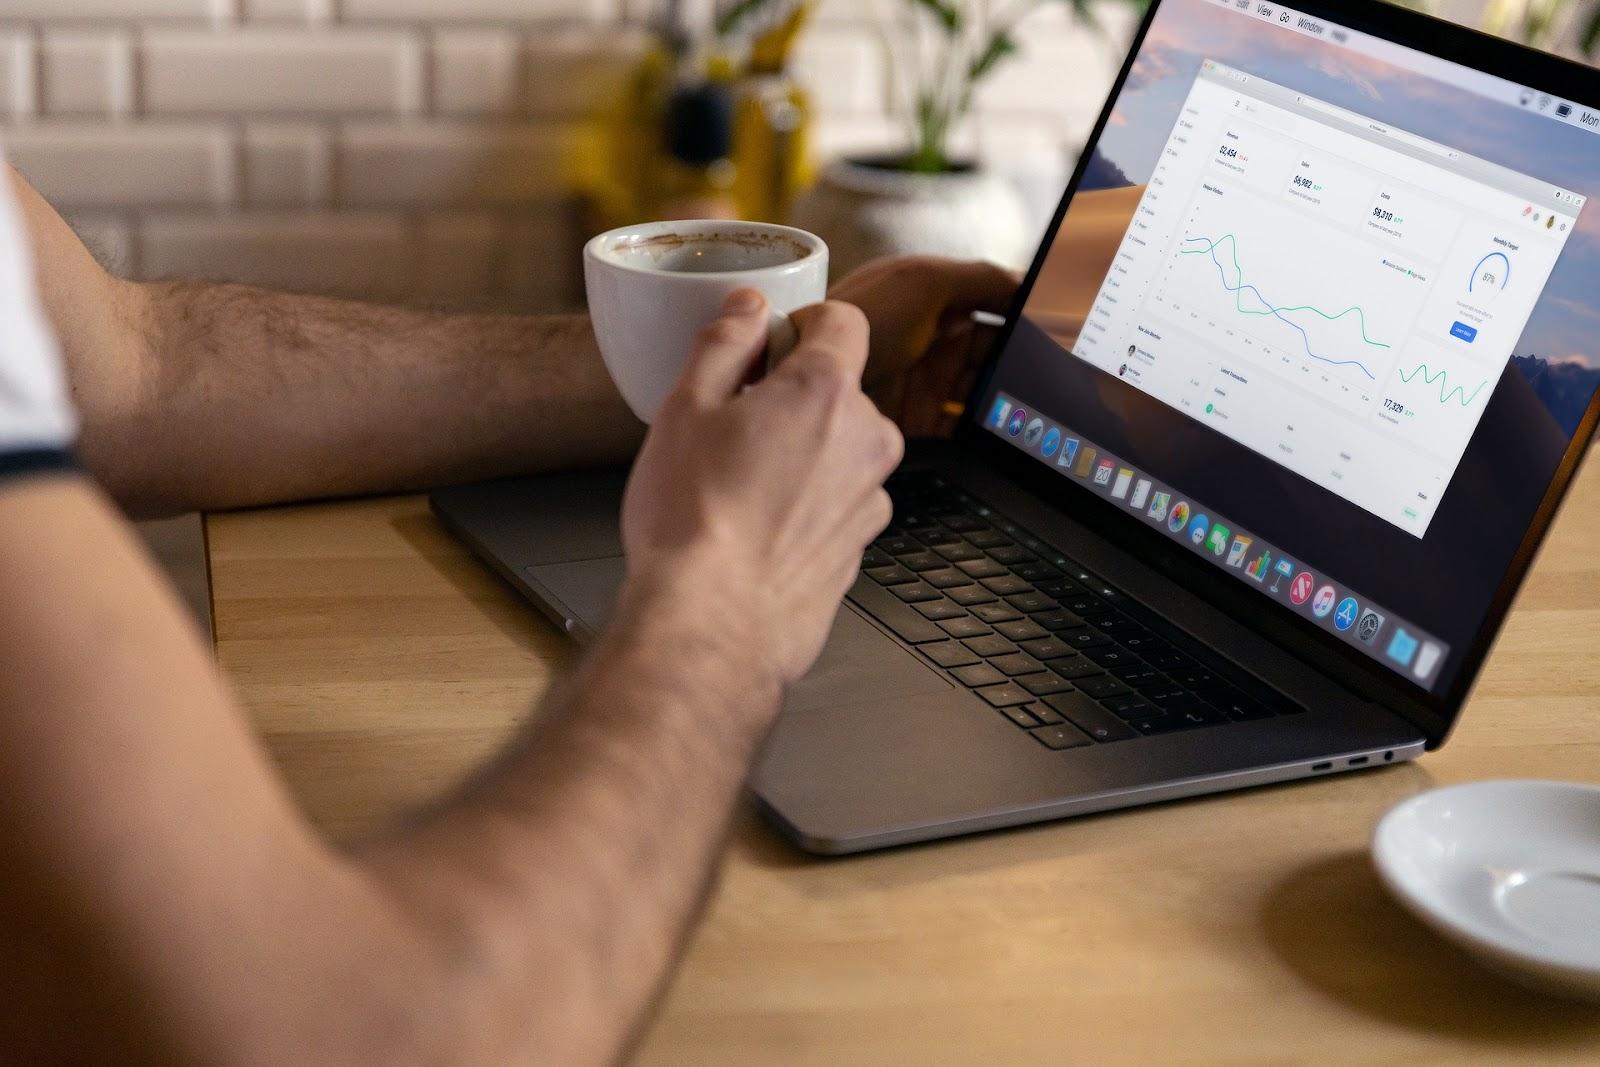 Anywhere office é a ideia de olhar qualquer lugar como escritório. (Fonte: Pixabay)